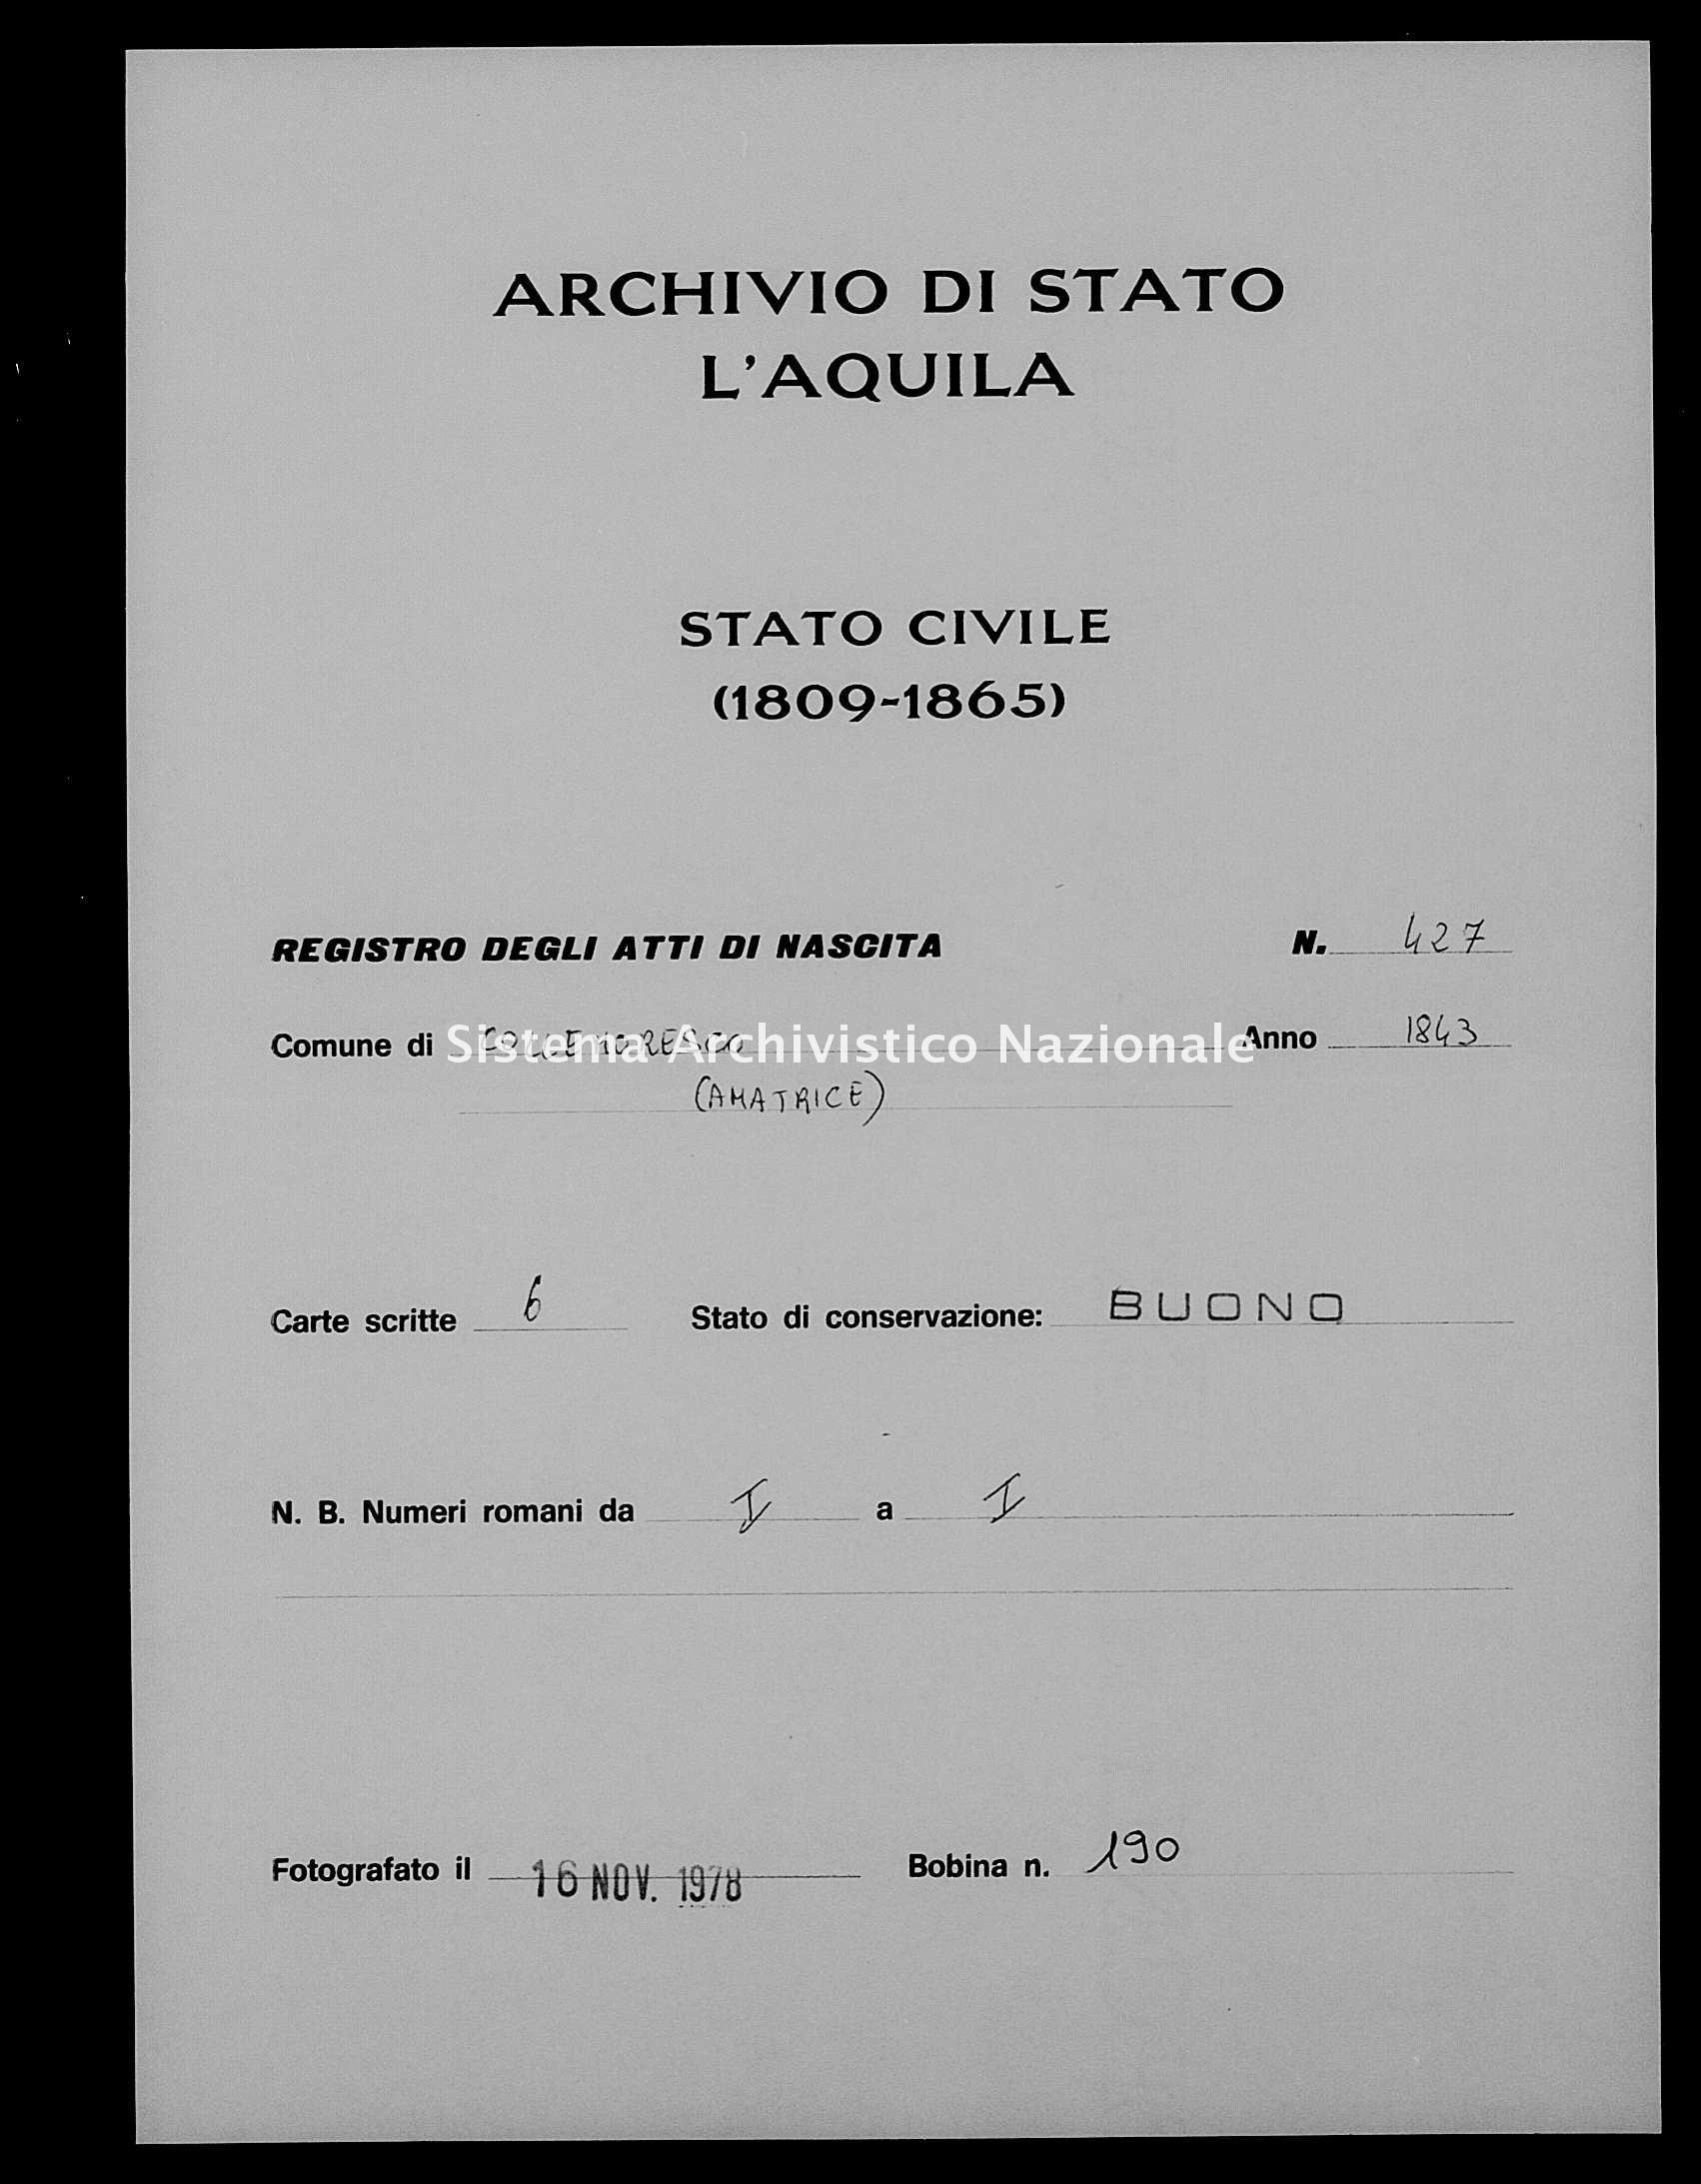 Archivio di stato di L'aquila - Stato civile della restaurazione - Collemoresco - Nati - 1843 - 427 -